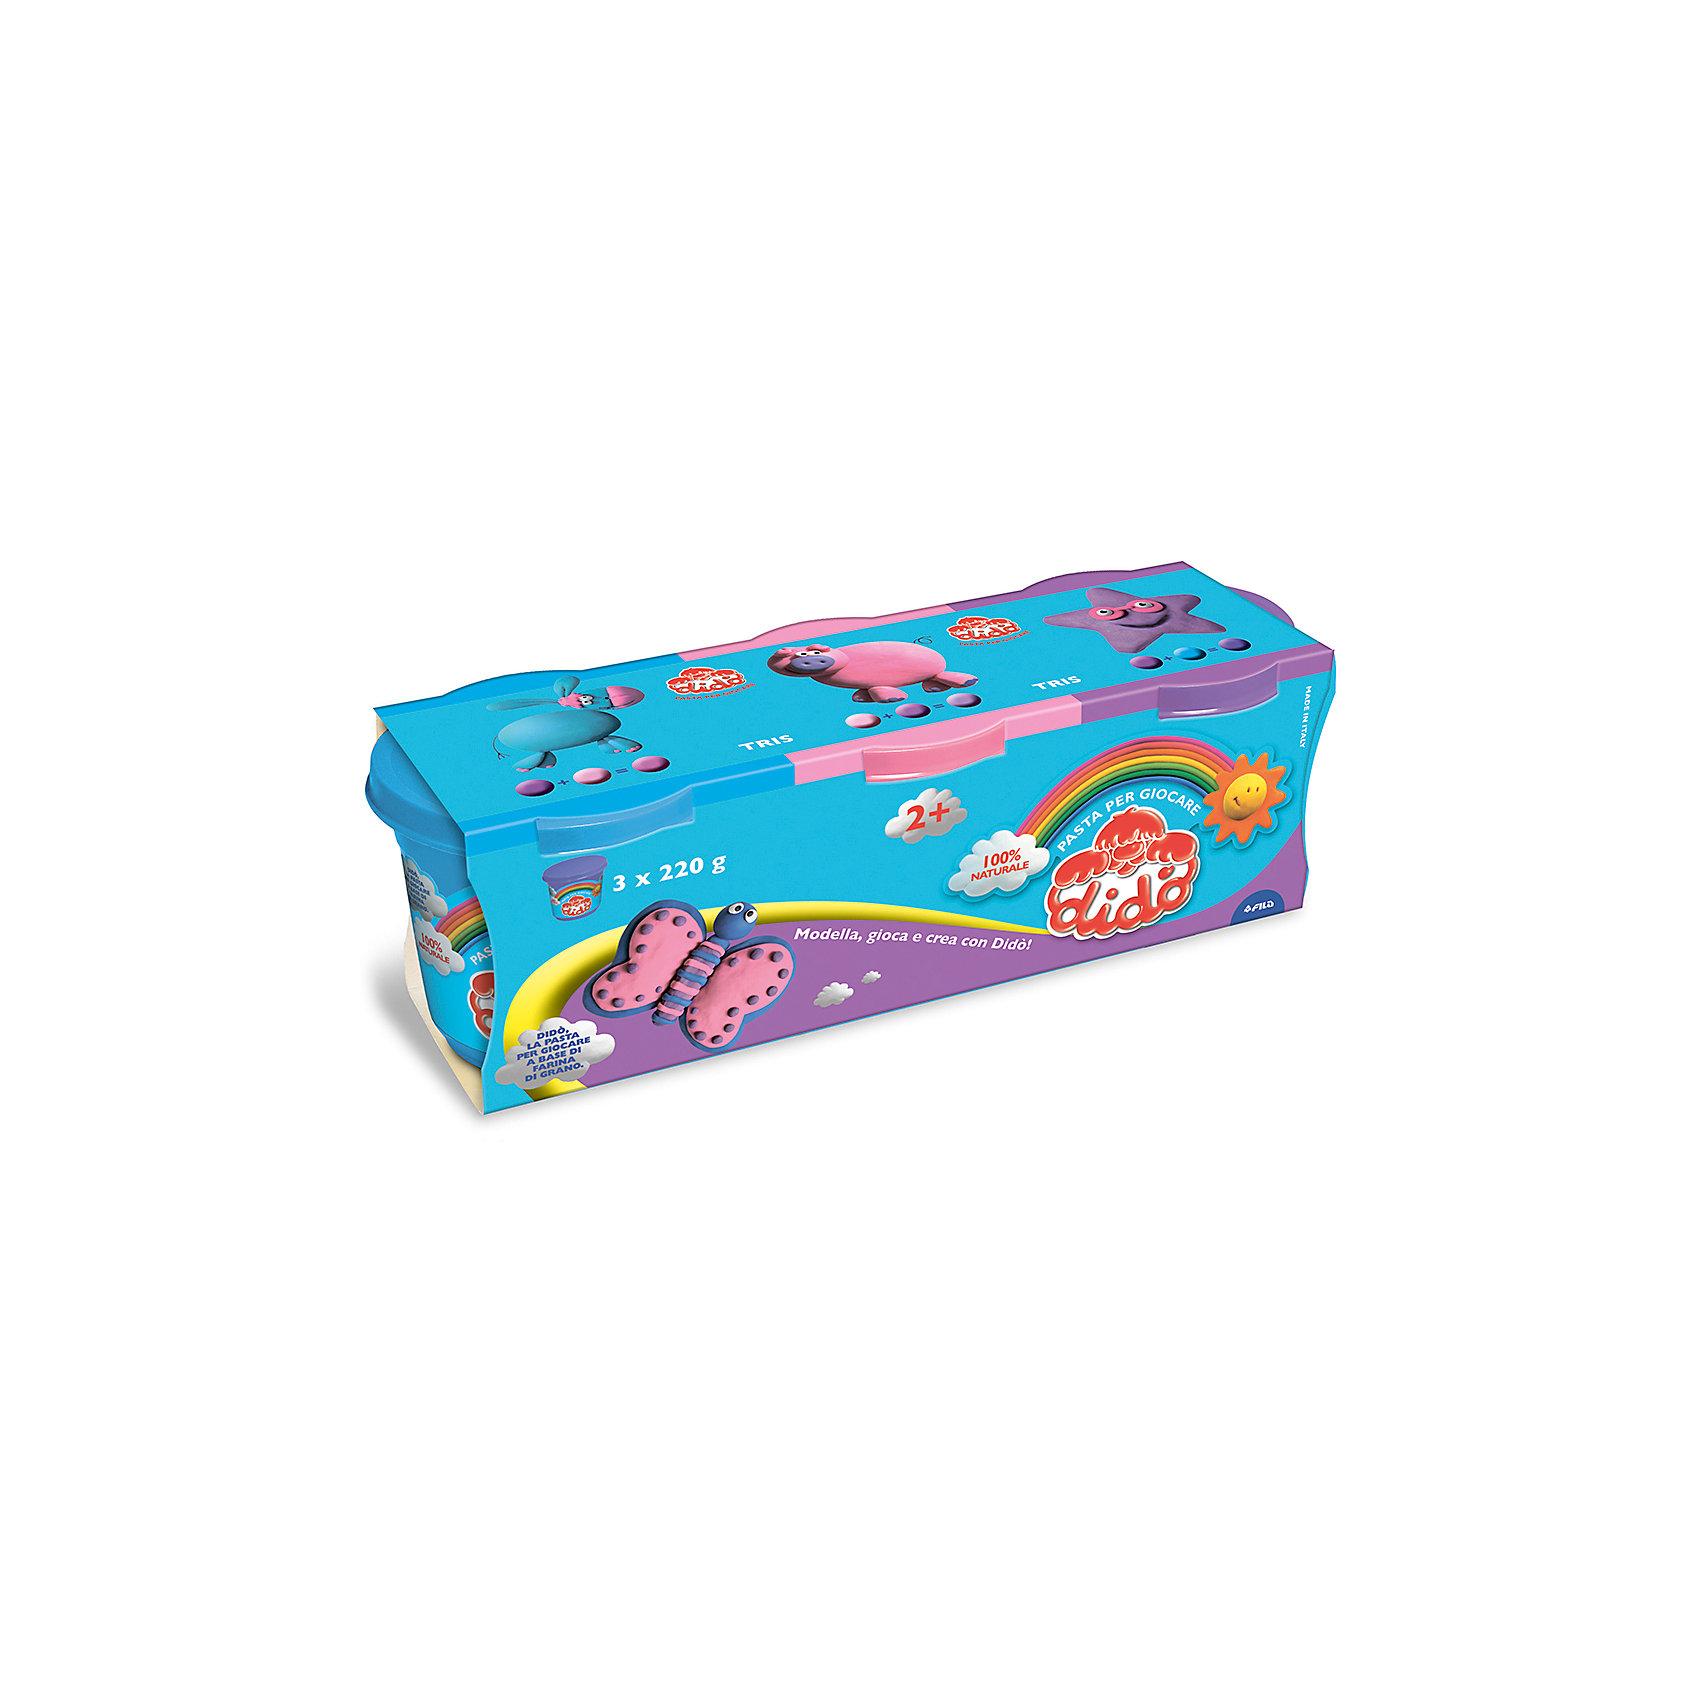 Масса для лепки - аналог соленого теста, 3 шт х 220 г.Масса для лепки<br>Характеристики товара:<br><br>• в комплекте: масса для лепки (3 цвета по 220 грамм);<br>• цвета: синий, лиловый, розовый;<br>• размер упаковки: 25,5х8,5 см;<br>• вес: 680 грамм;<br>• возраст: от 2 лет.<br><br>Паста для лепки Dido отлично подойдет даже для самых маленьких. Паста изготовлена на основе натуральных компонентов с добавлением пищевых красителей, поэтому она полностью безопасна для малышей. В набор входят 3 баночки с пастой: голубая, лиловая, розовая.<br><br>Паста очень пластична, легко принимает нужную форму, не крошится и практически не липнет к рукам. Для создания поделки необходимо слепить нужную фигурку и оставить на воздухе для застывания.<br><br>Пасту для лепки, 3*220 гр, синяя, лиловая, розовая можно купить в нашем интернет-магазине.<br><br>Ширина мм: 90<br>Глубина мм: 75<br>Высота мм: 210<br>Вес г: 660<br>Возраст от месяцев: 24<br>Возраст до месяцев: 2147483647<br>Пол: Унисекс<br>Возраст: Детский<br>SKU: 5107871